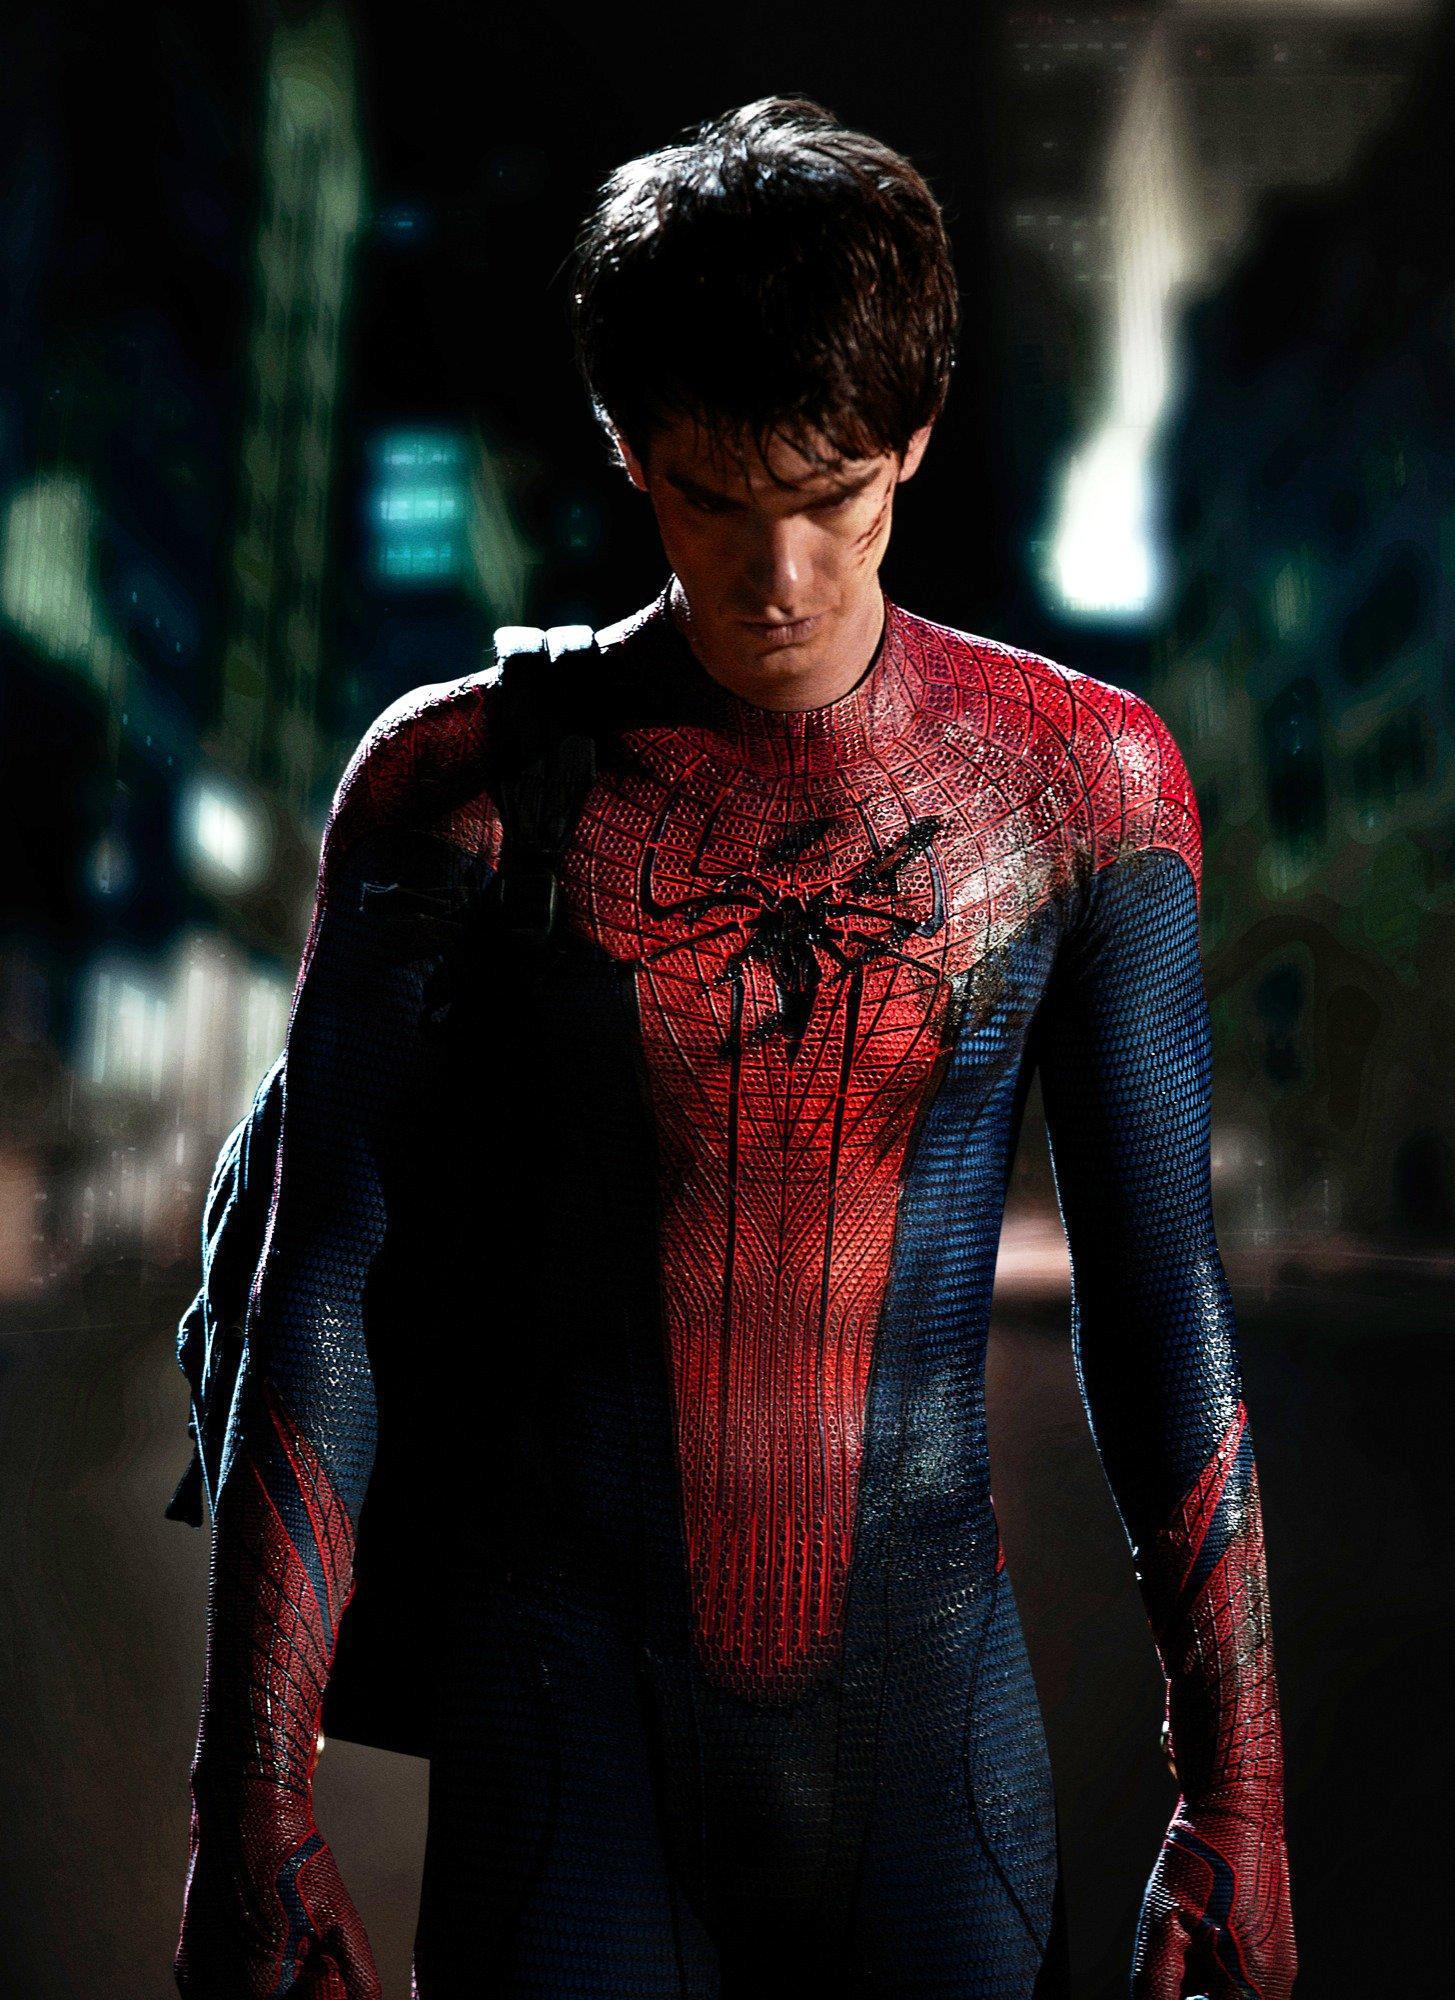 менее новый человек паук кадры картинки потом